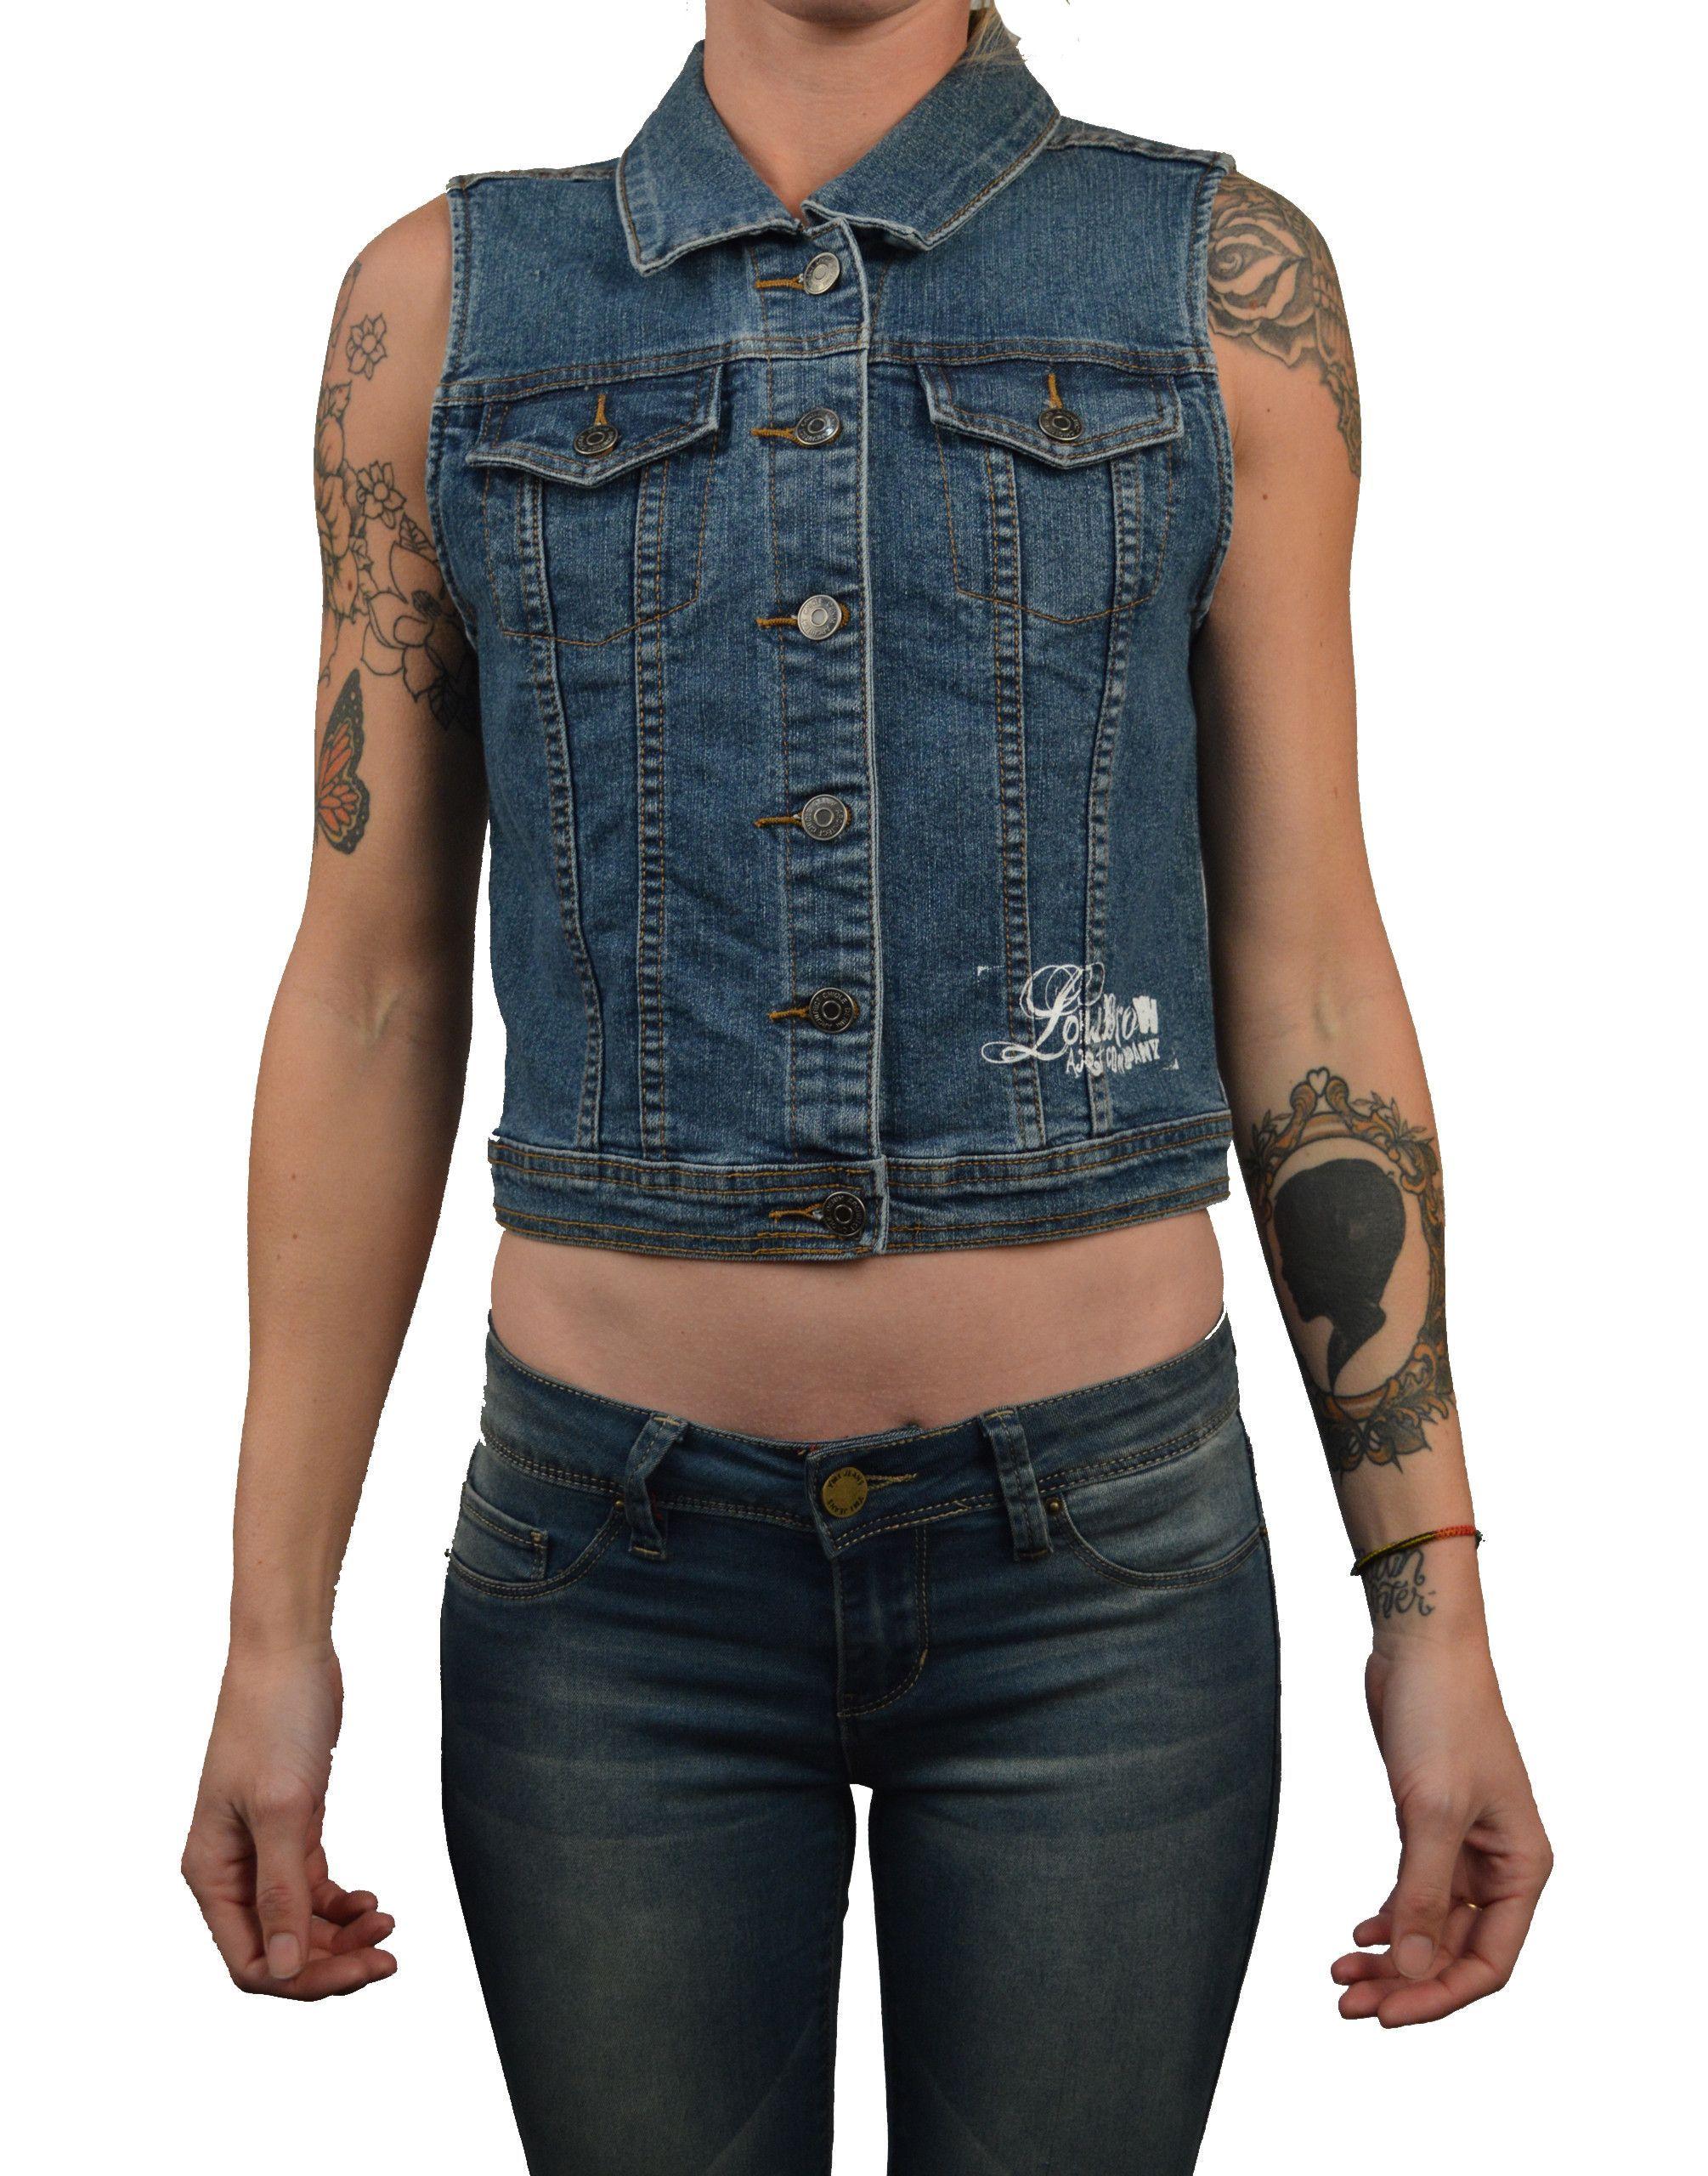 Women's Dead Bride by Josh Stebbins Frankenstein Tattoo Denim Vest